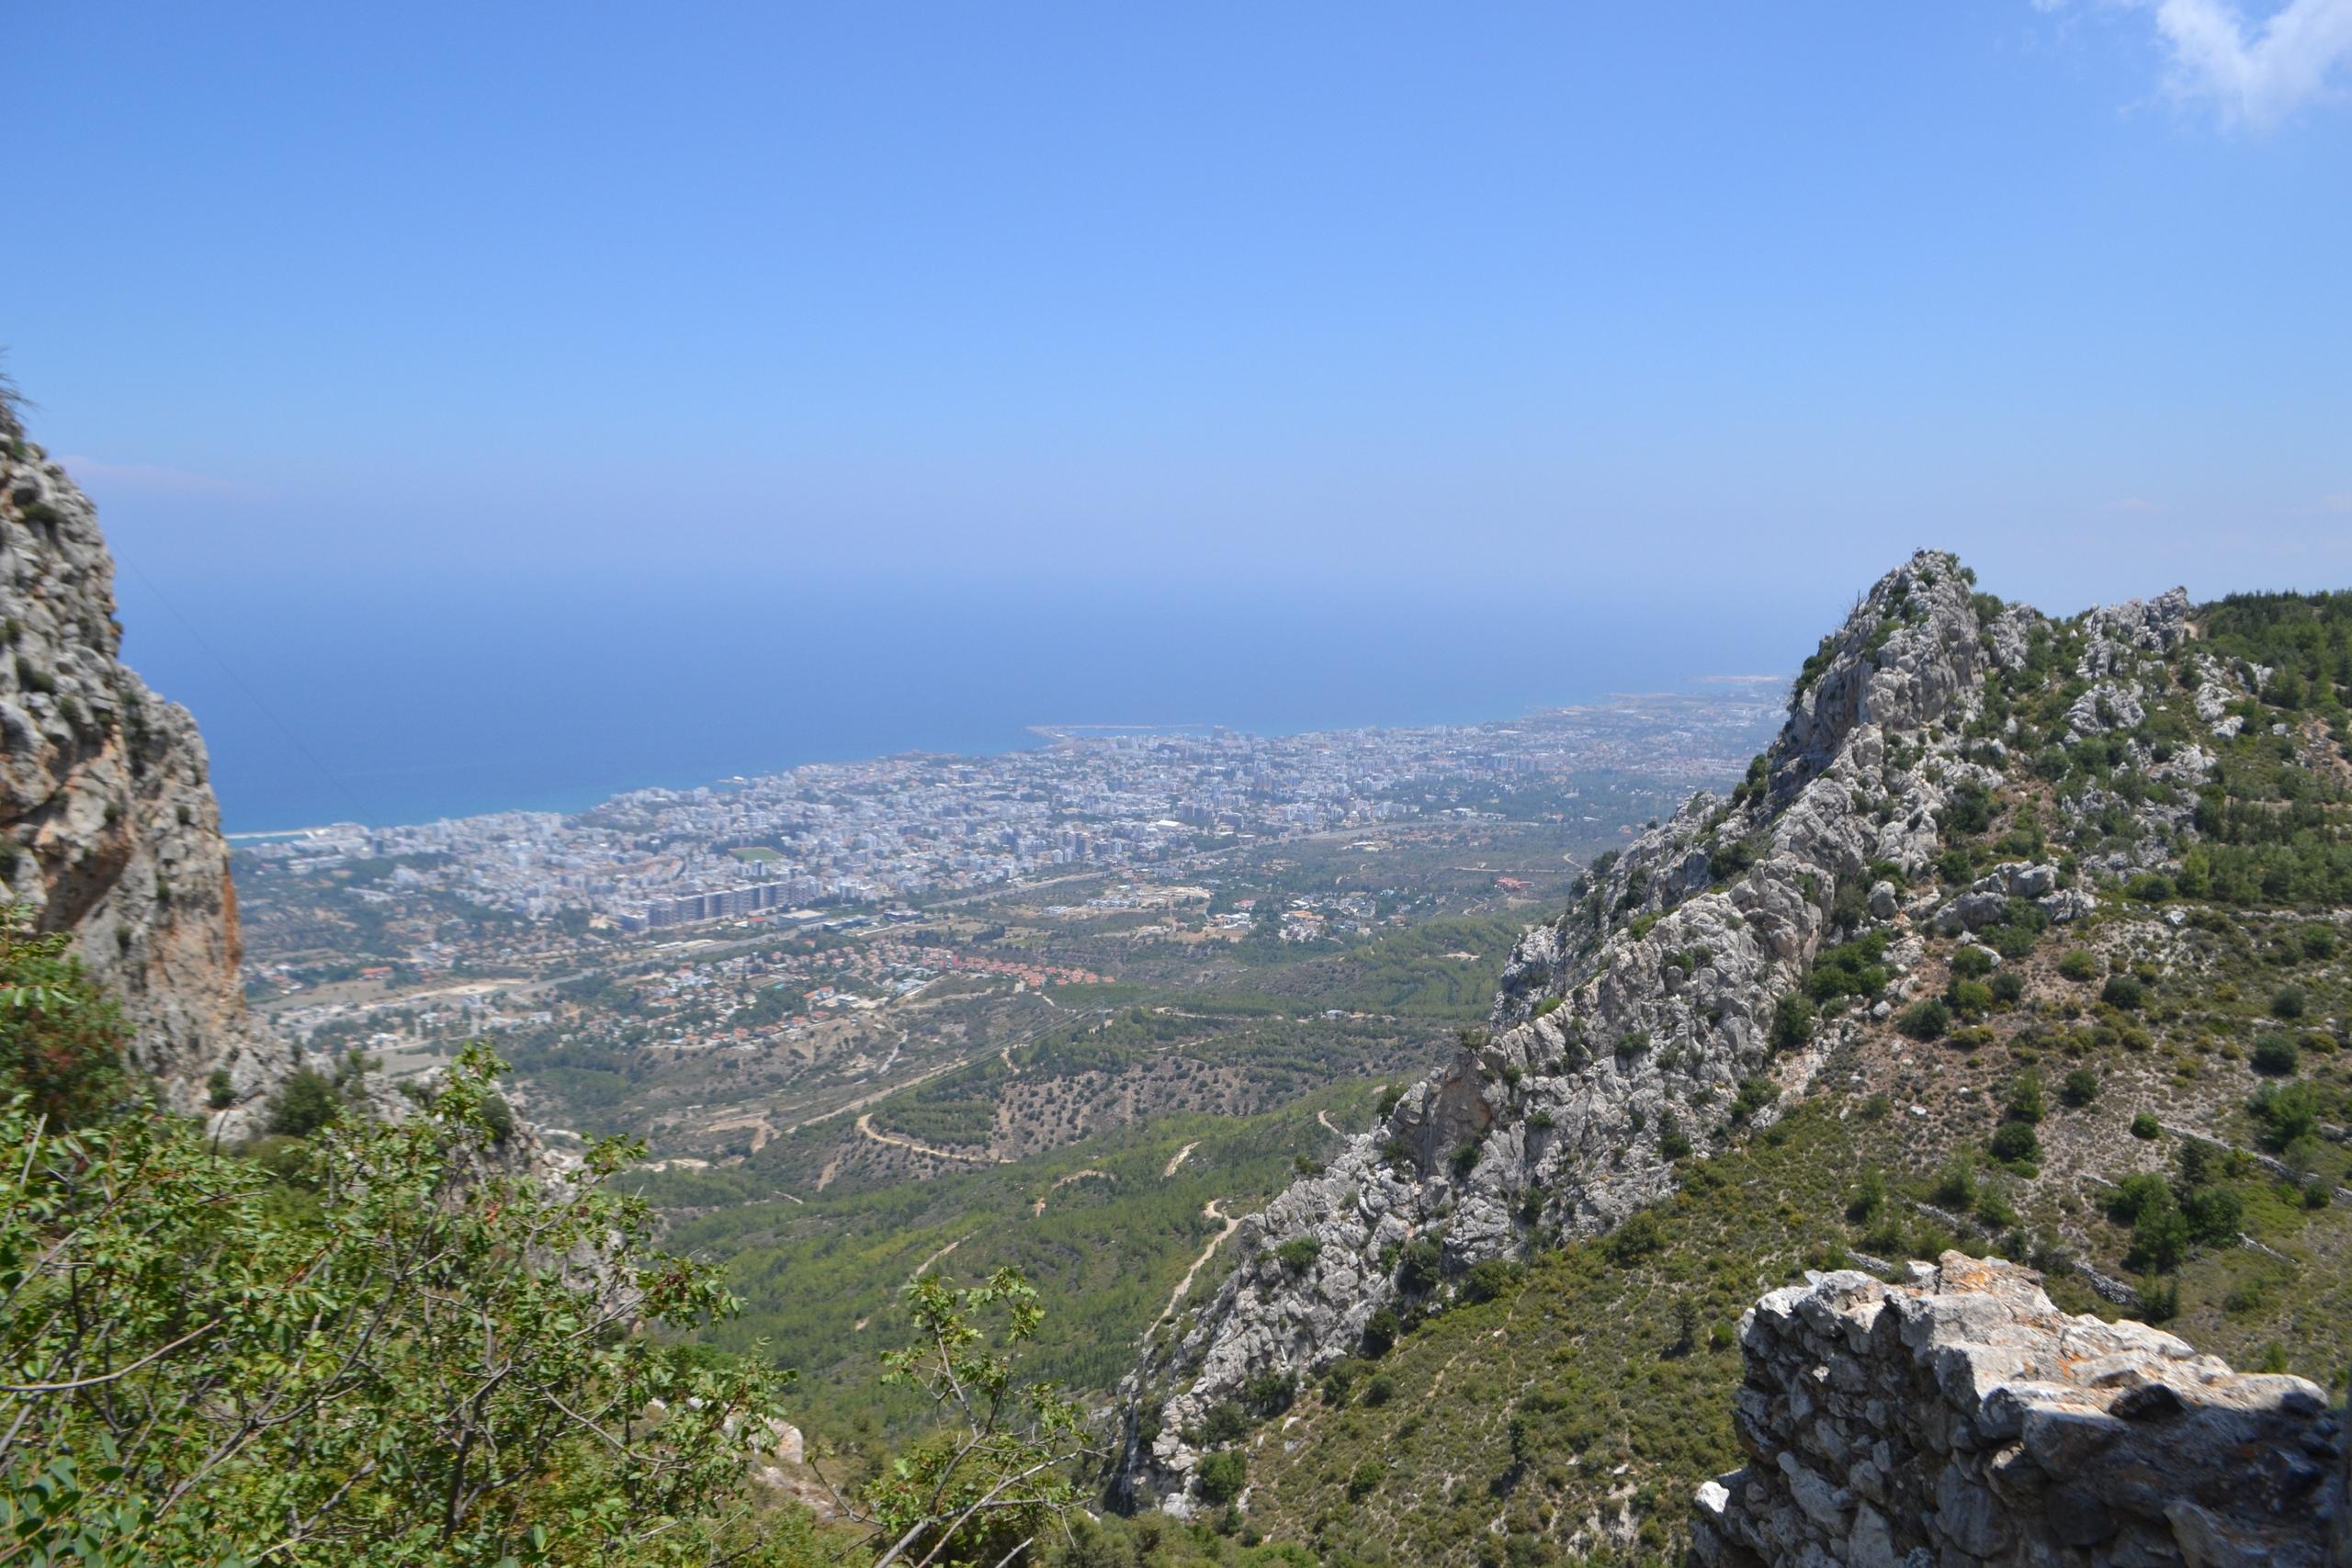 Северный Кипр. Замок Святого Иллариона. (фото). -vbszuQYSVU